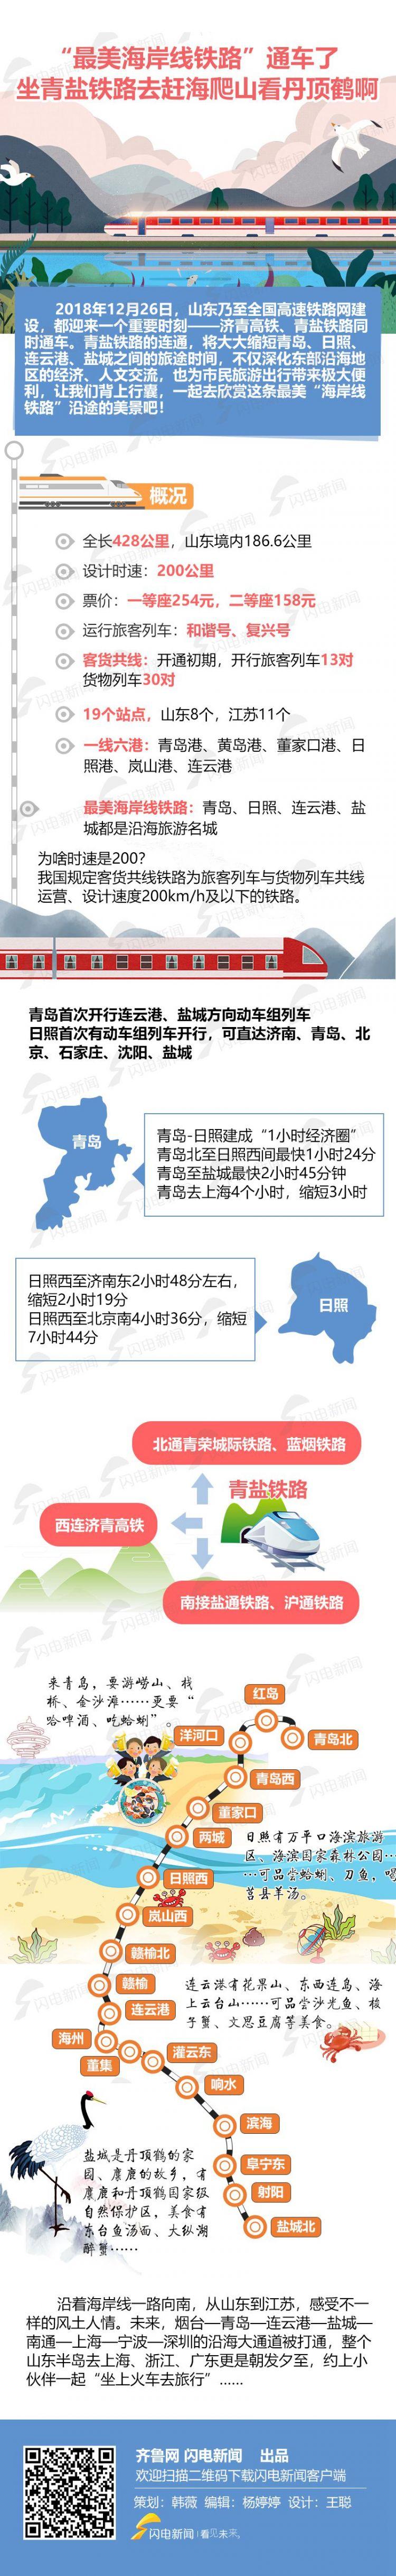 青盐铁路.jpg